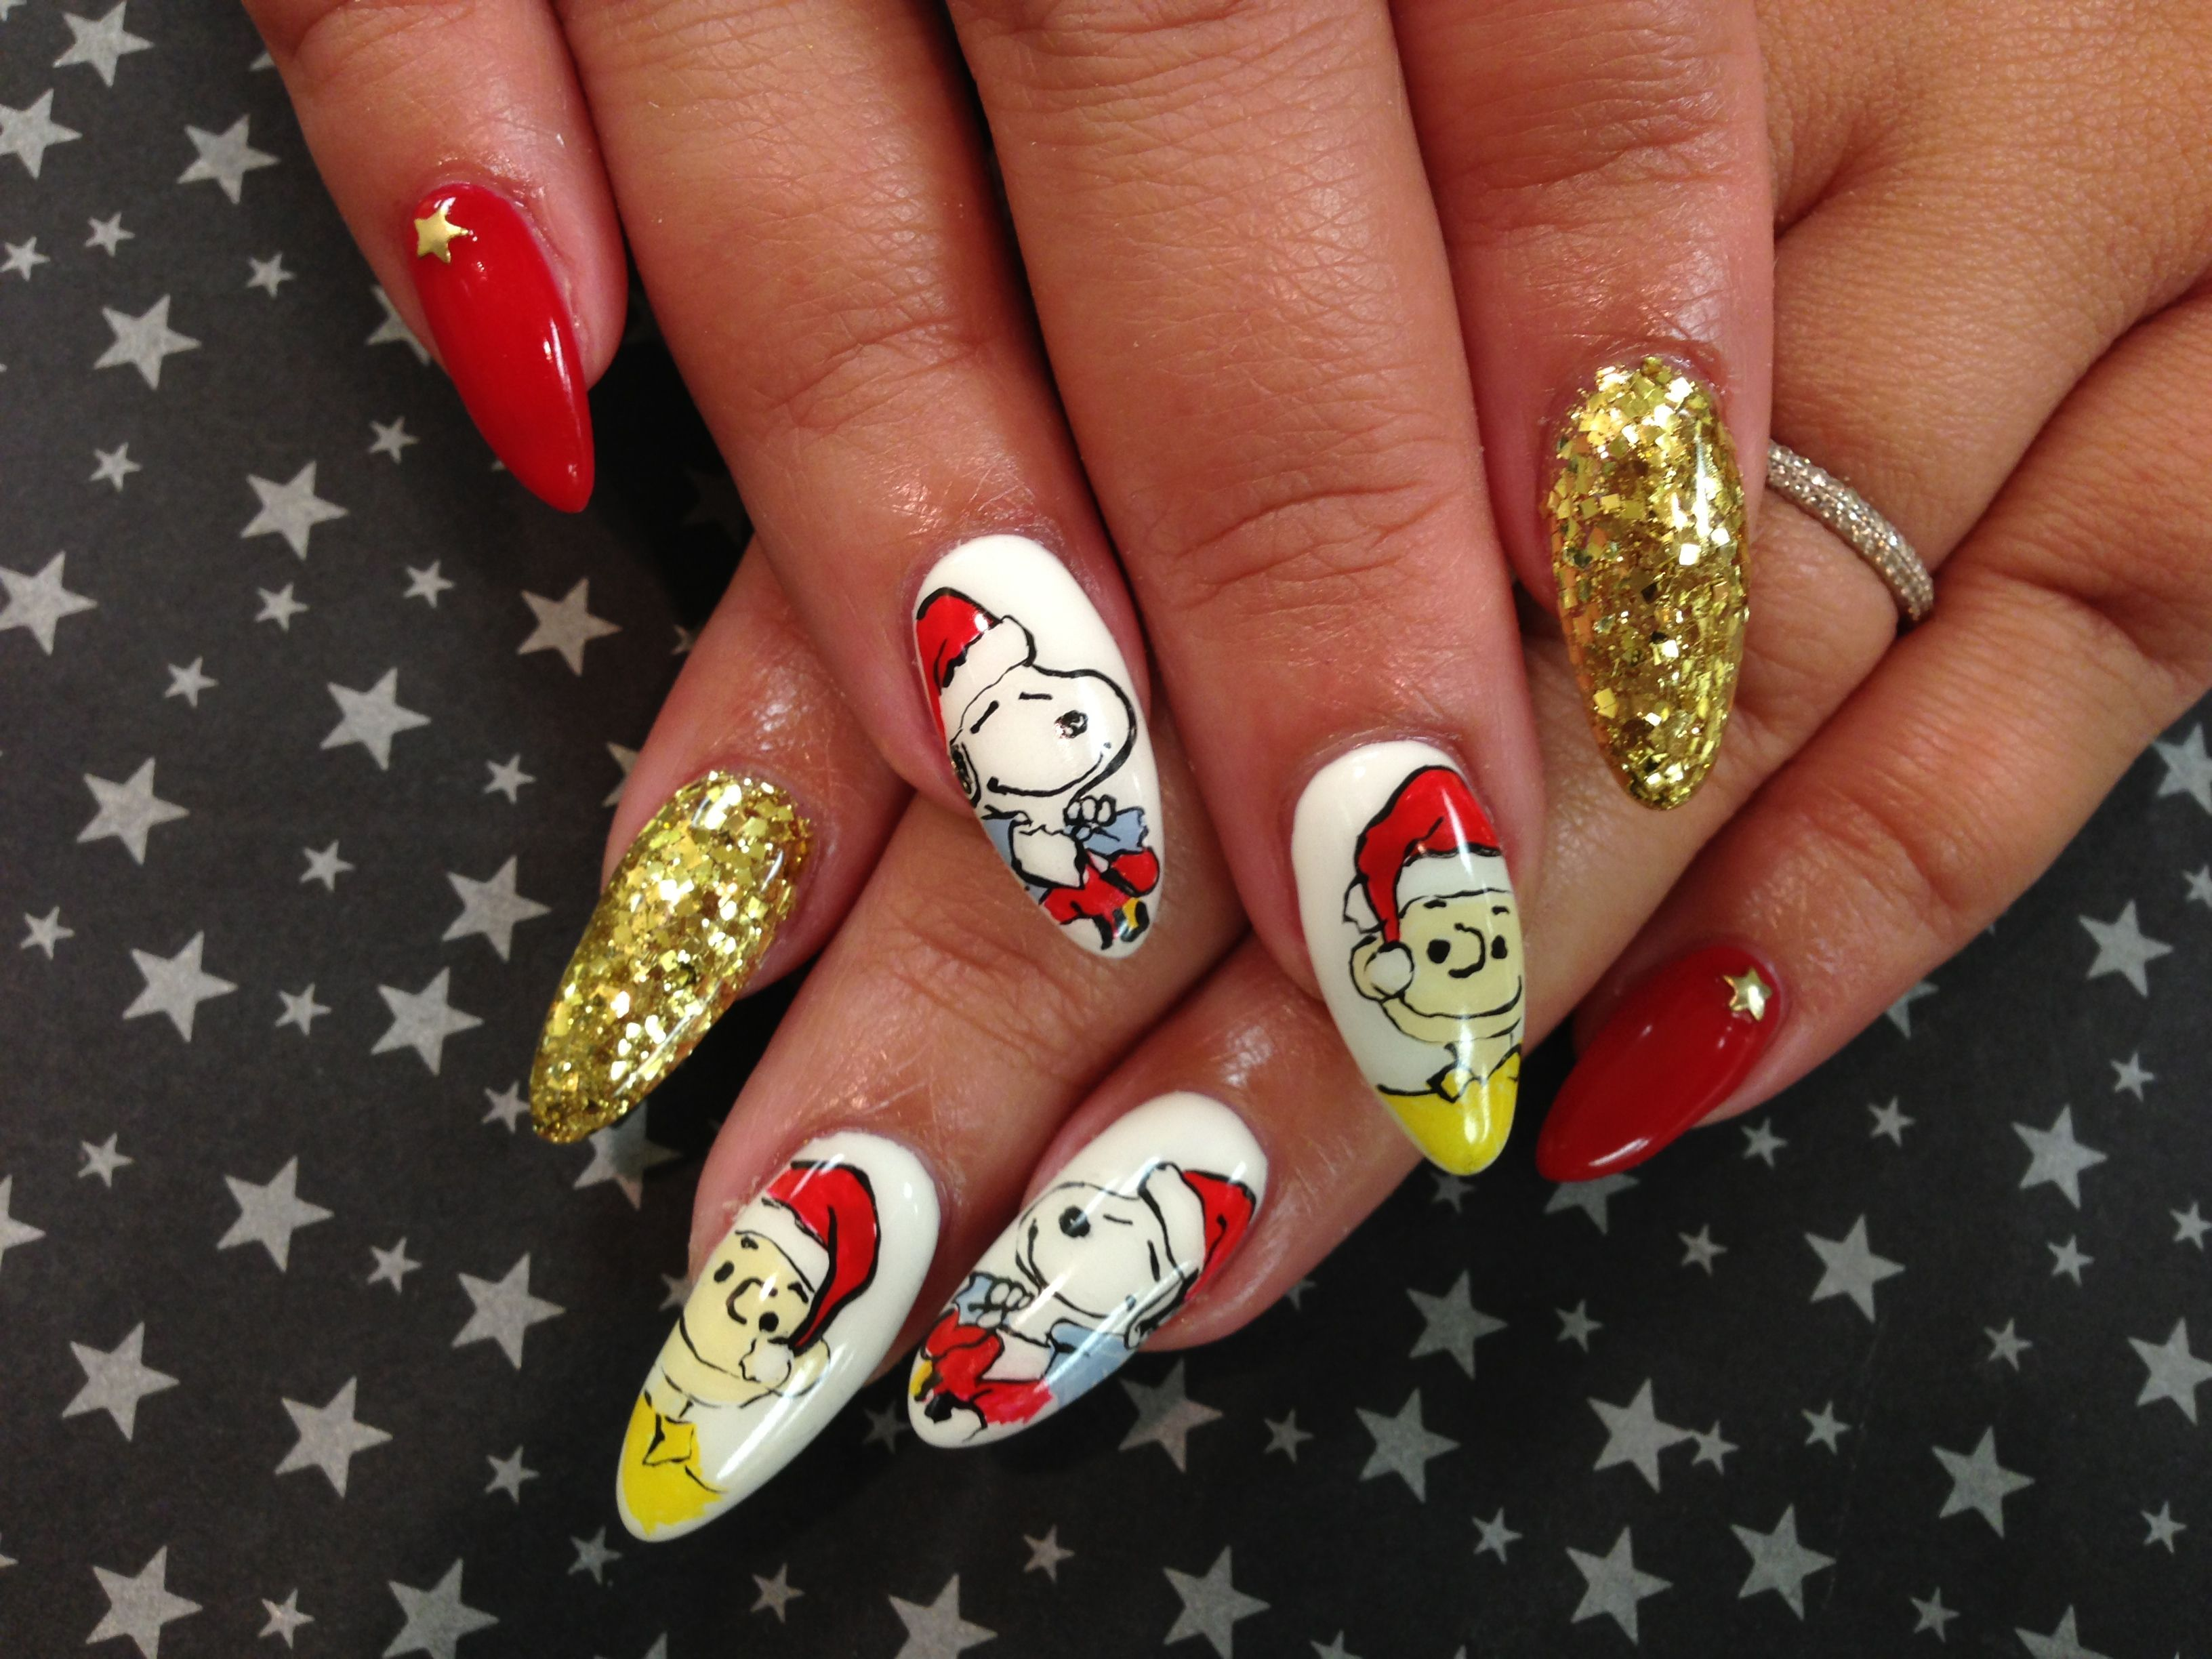 Snoopy at Kawaii Nails in Tustin CA | Nail Art | Pinterest